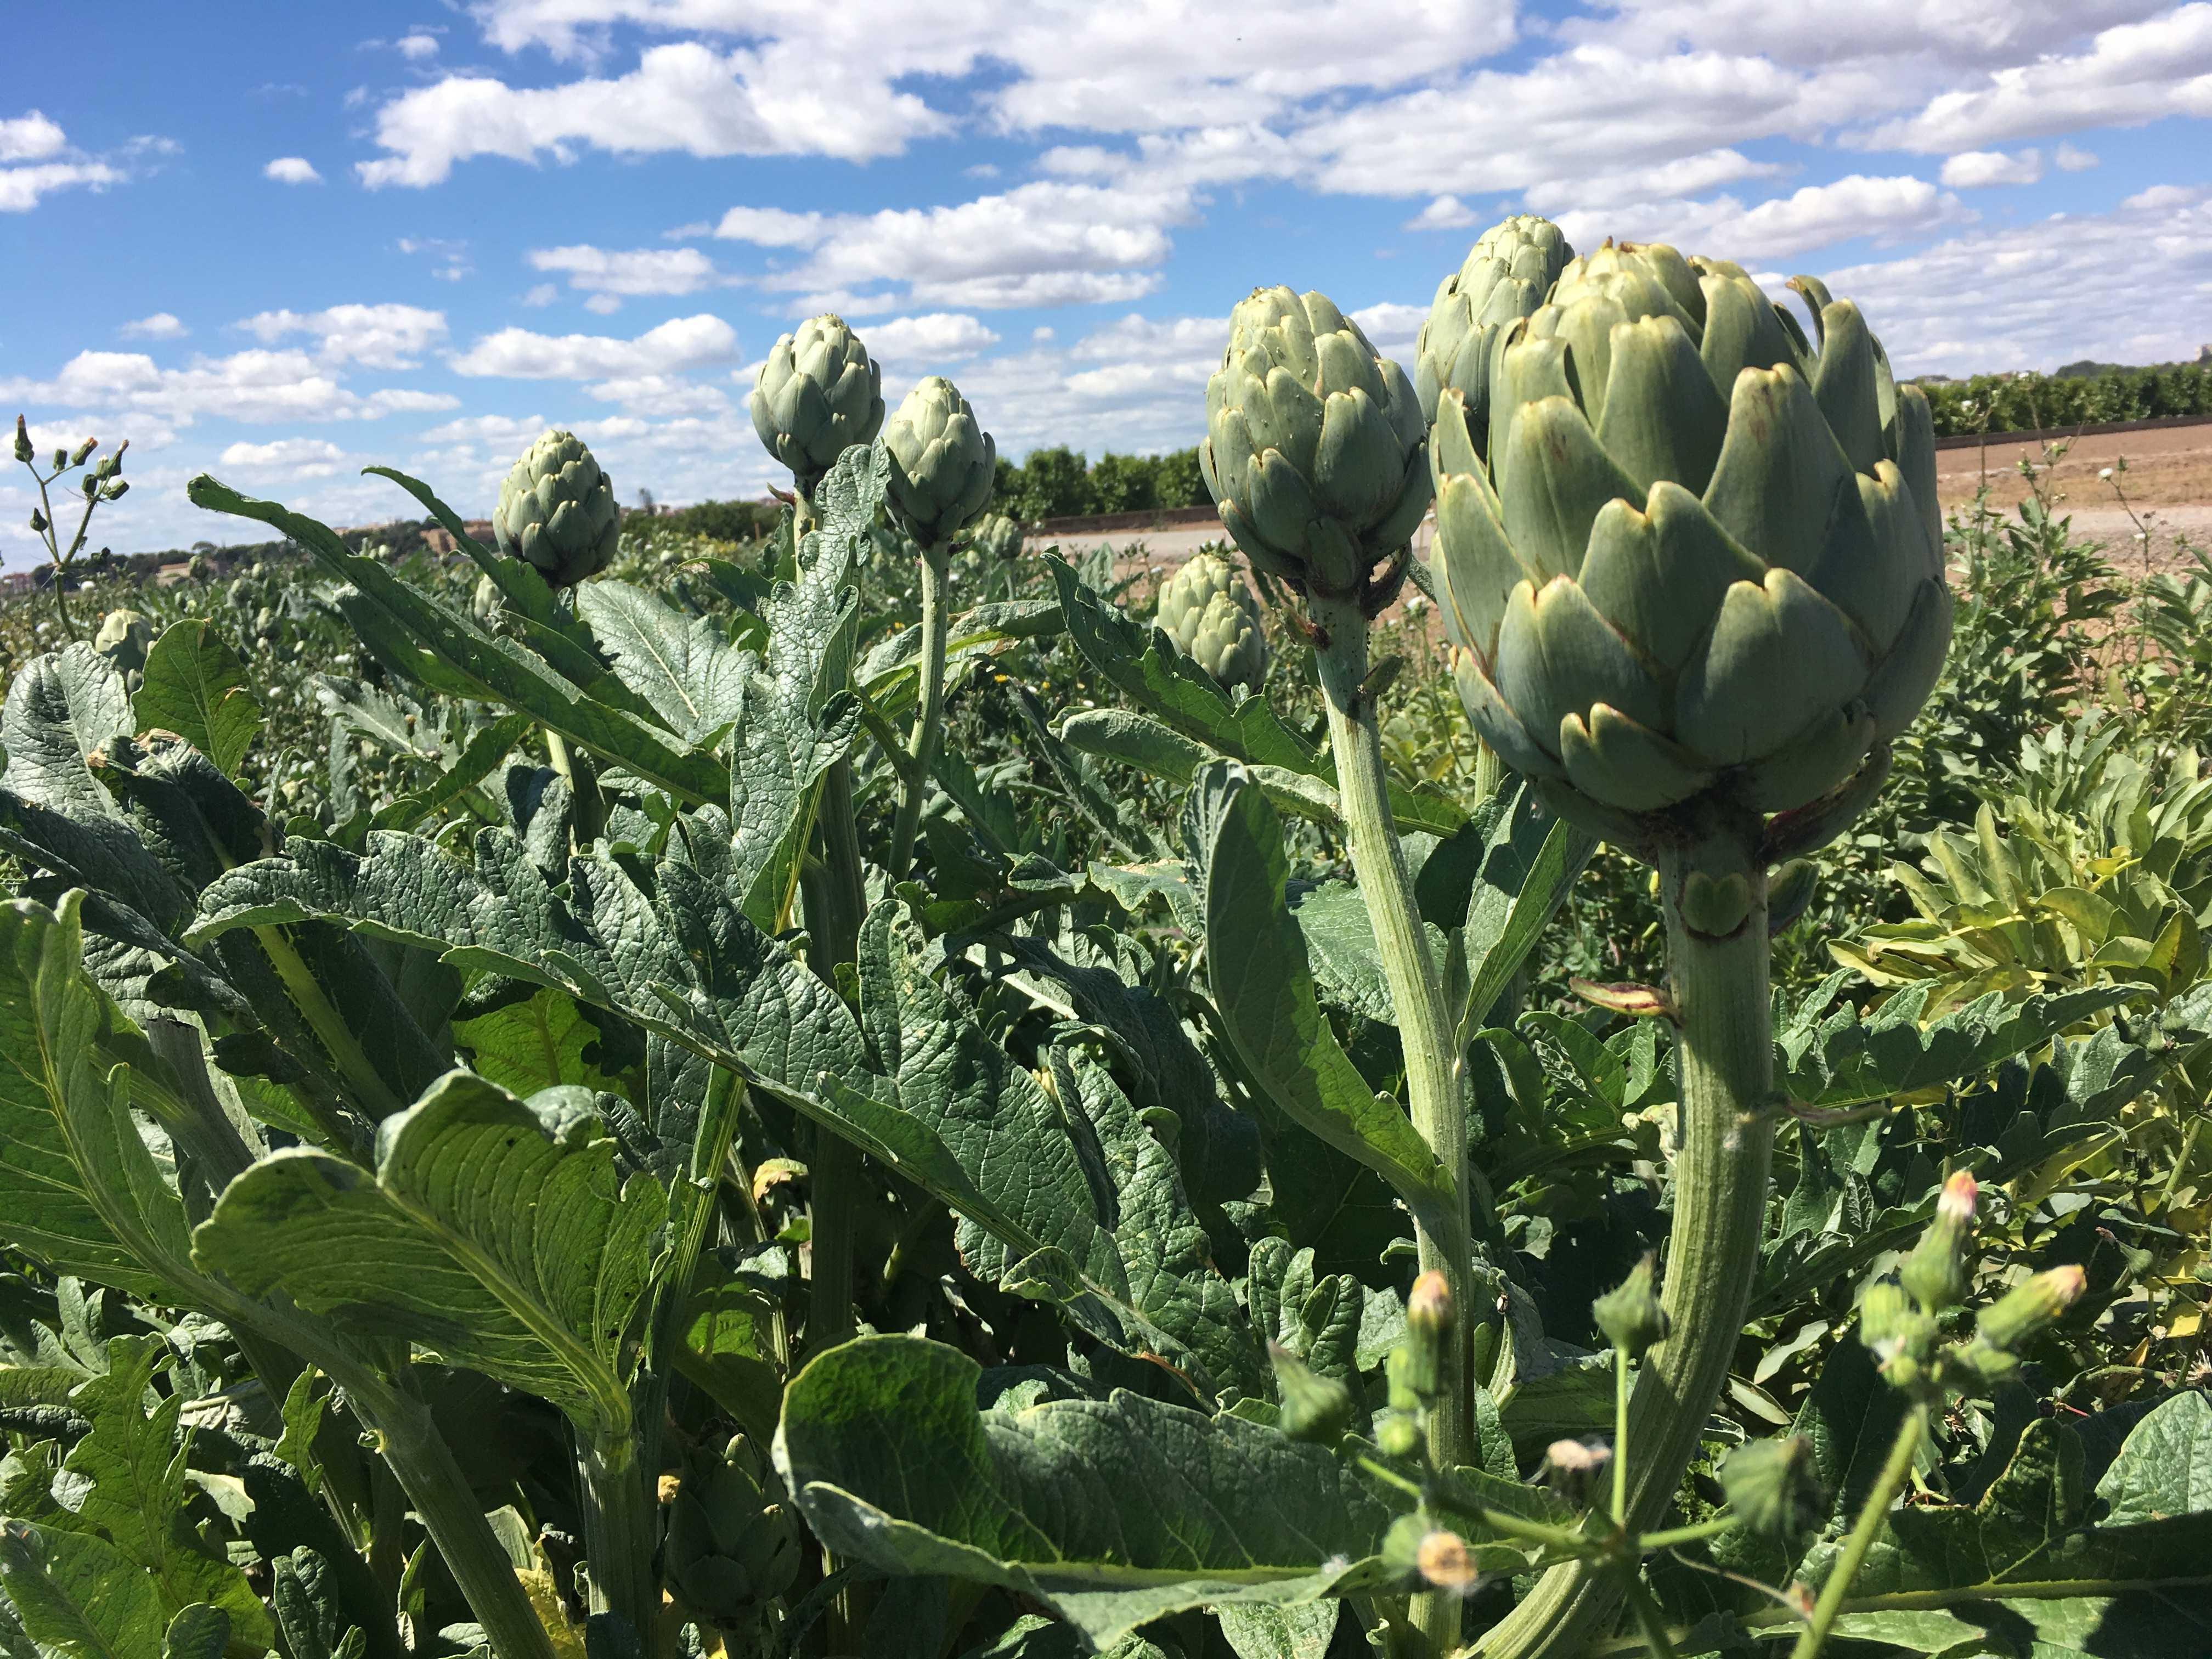 Nuevos productos de alcachofa que facilitarían su consumo